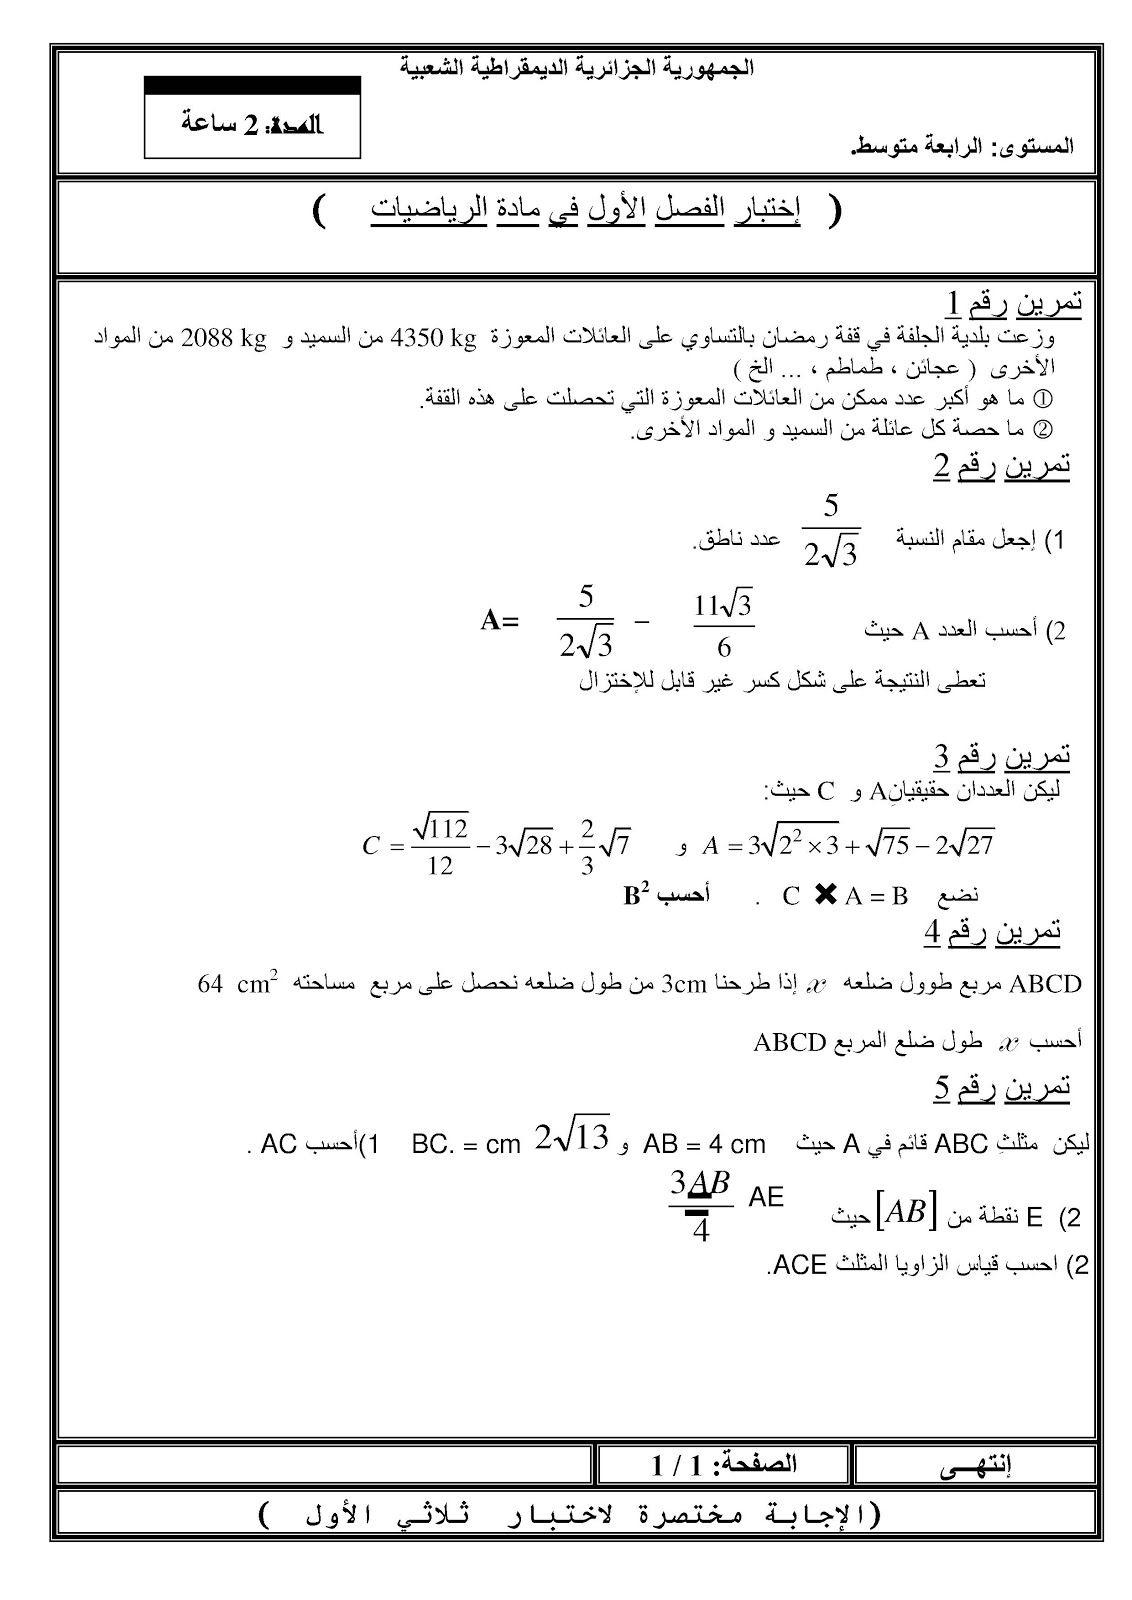 اختبار الرياضيات مع التصحيح للسنة الرابعة متوسط للفصل الأول Math Sheet Music Science